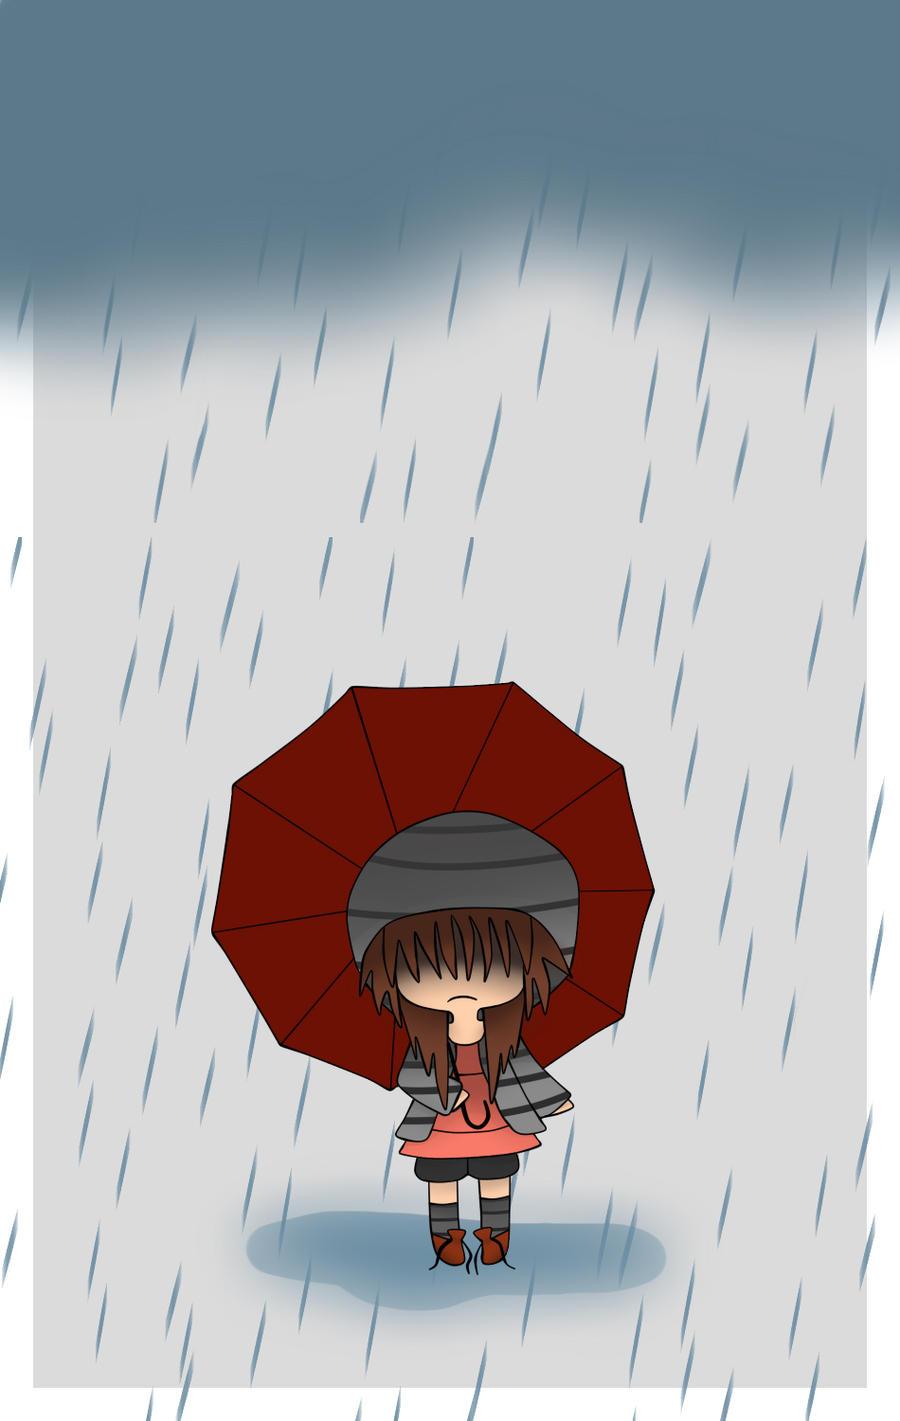 Pleasures remain one rainy day